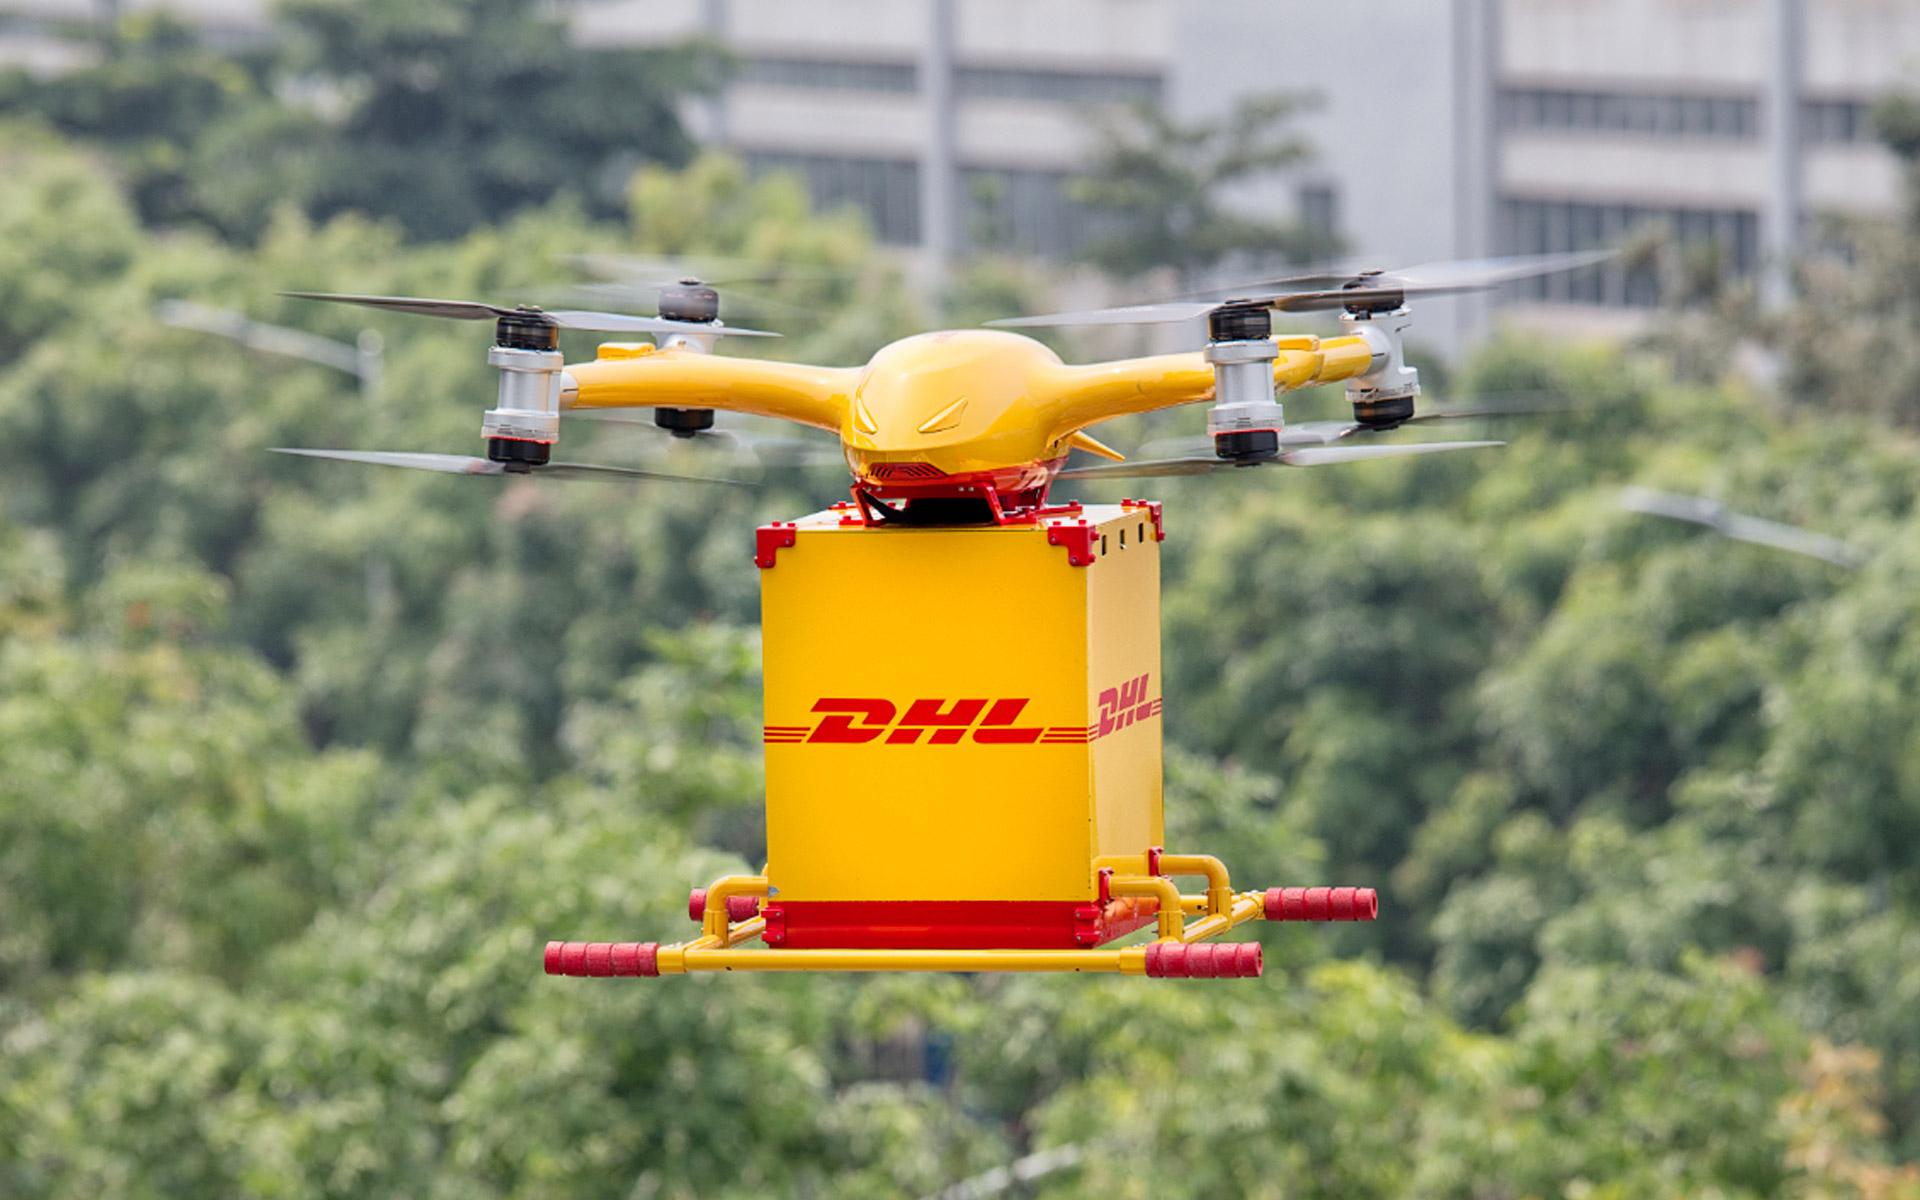 Przesyłki kurierskie dronem - źródło DHL.com